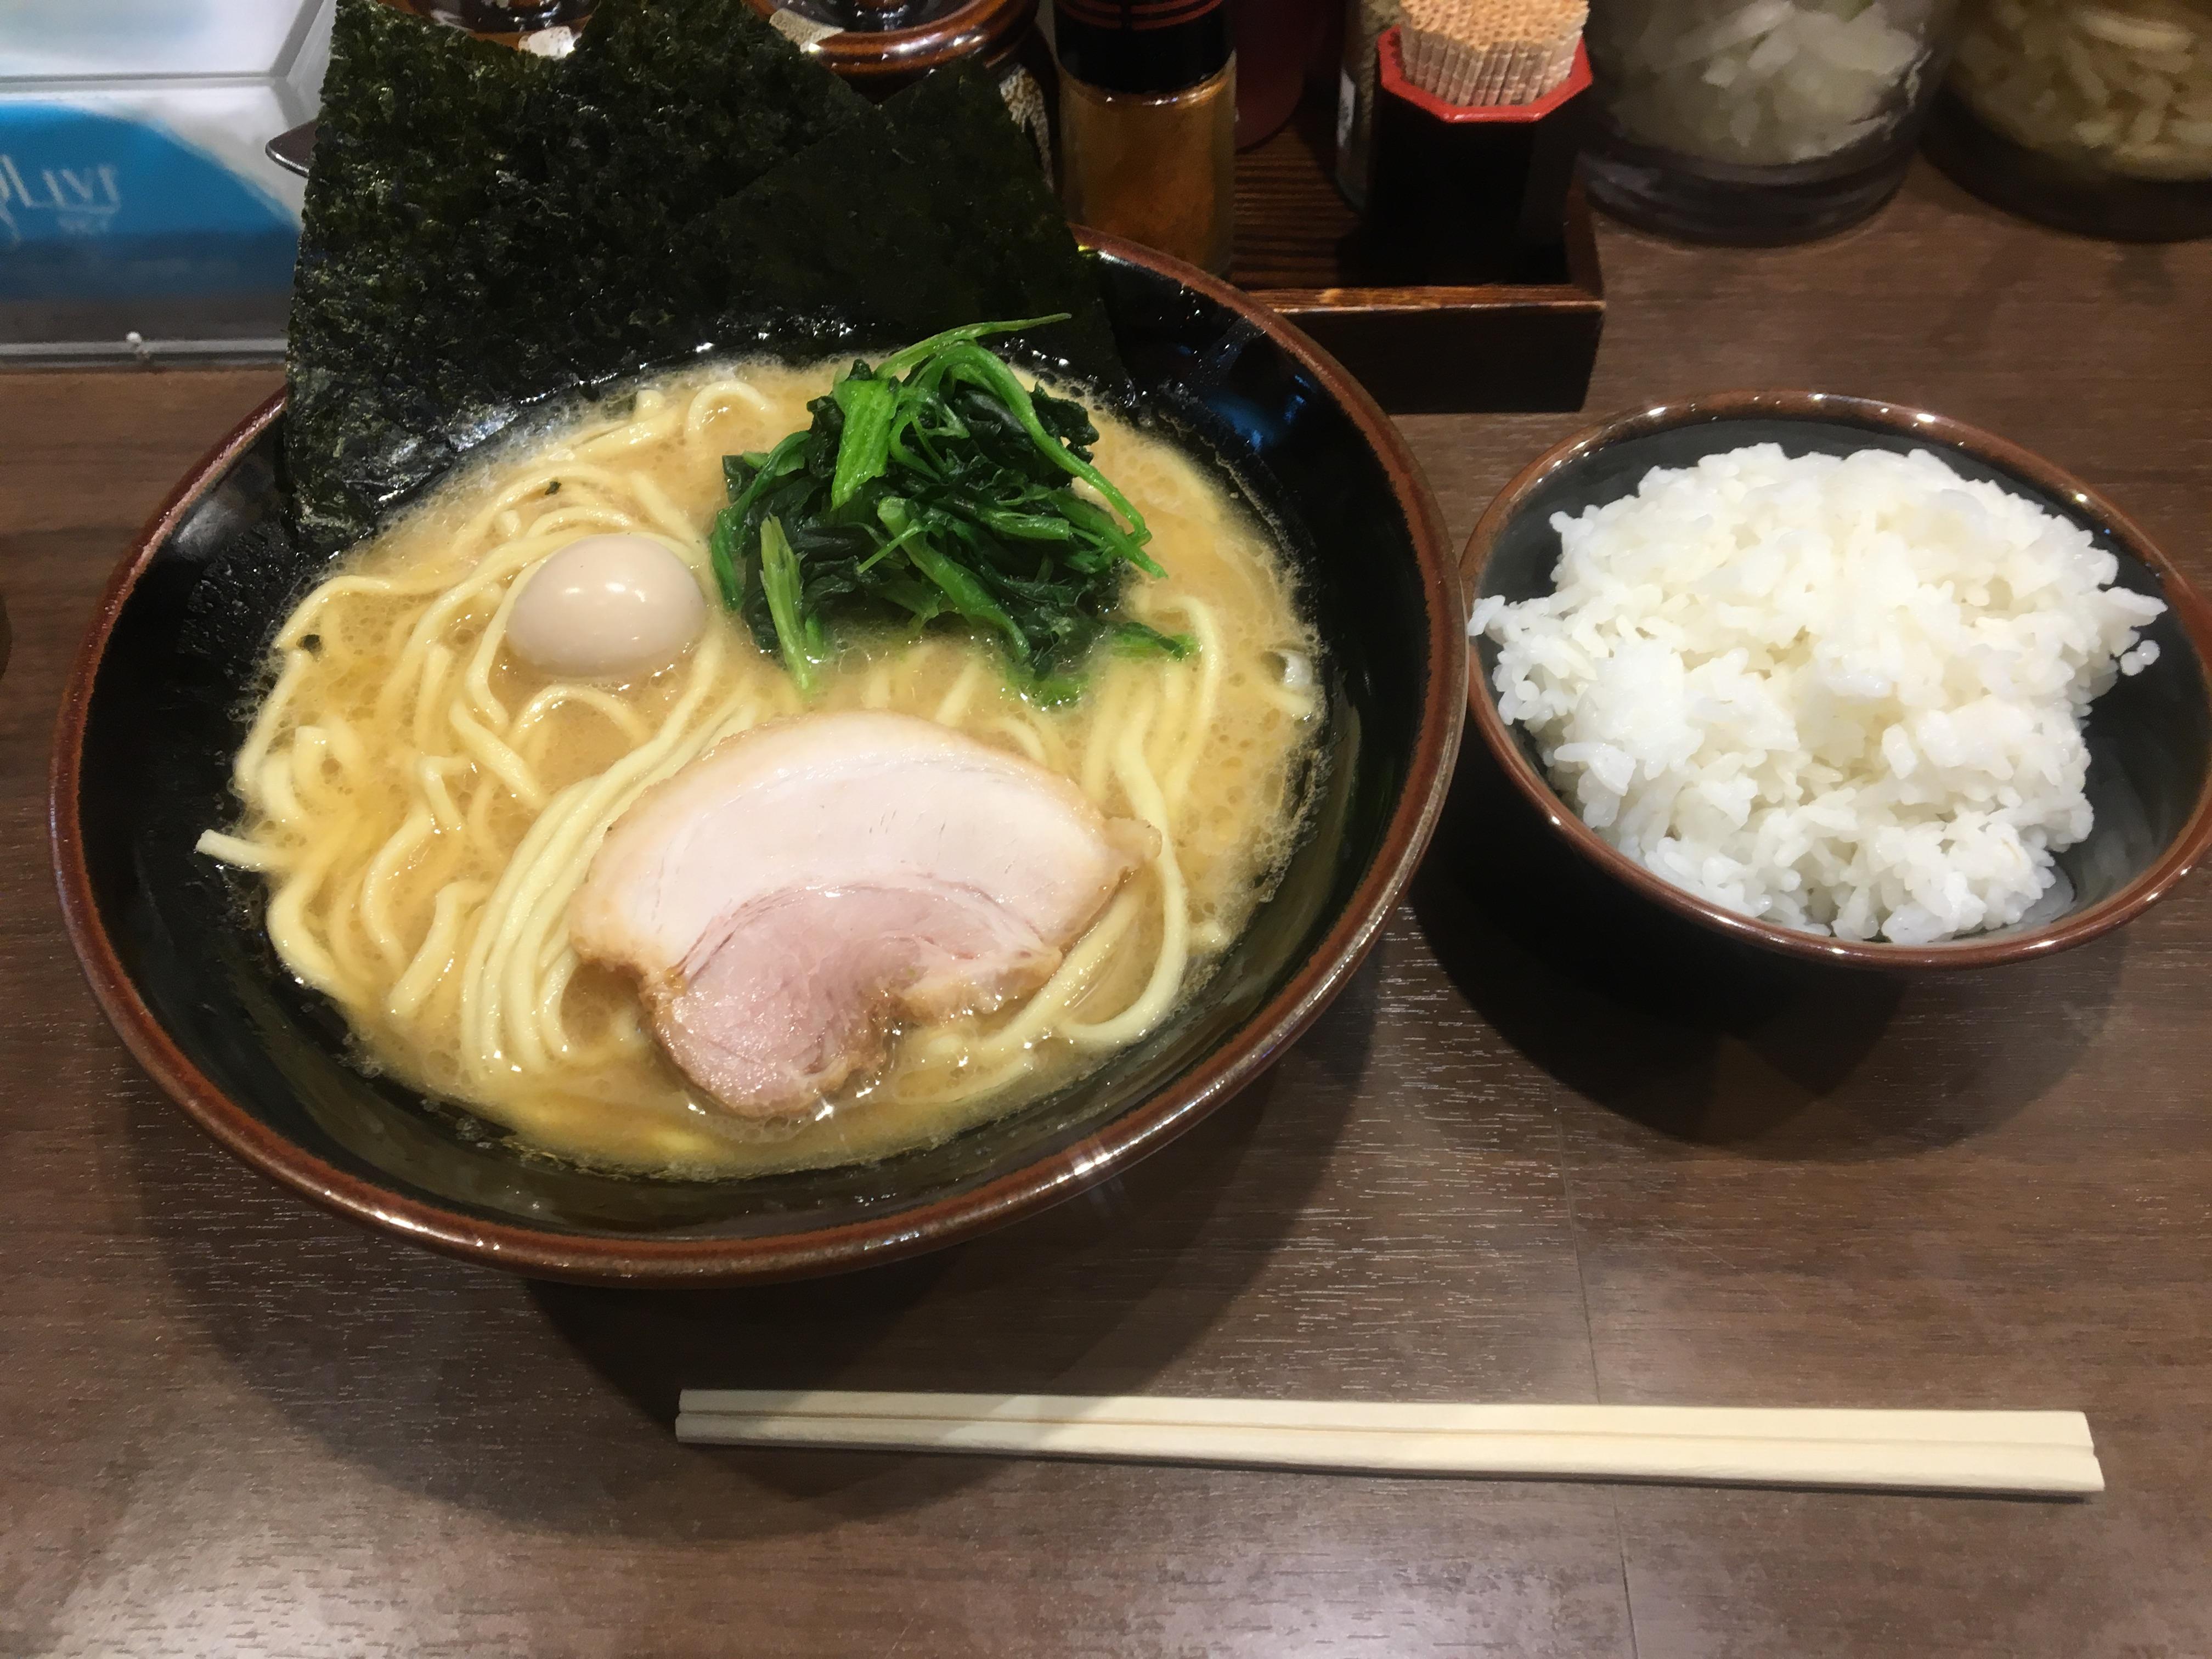 ここはご飯食べ放題 横浜家系ラーメン壱角家大宮東口店